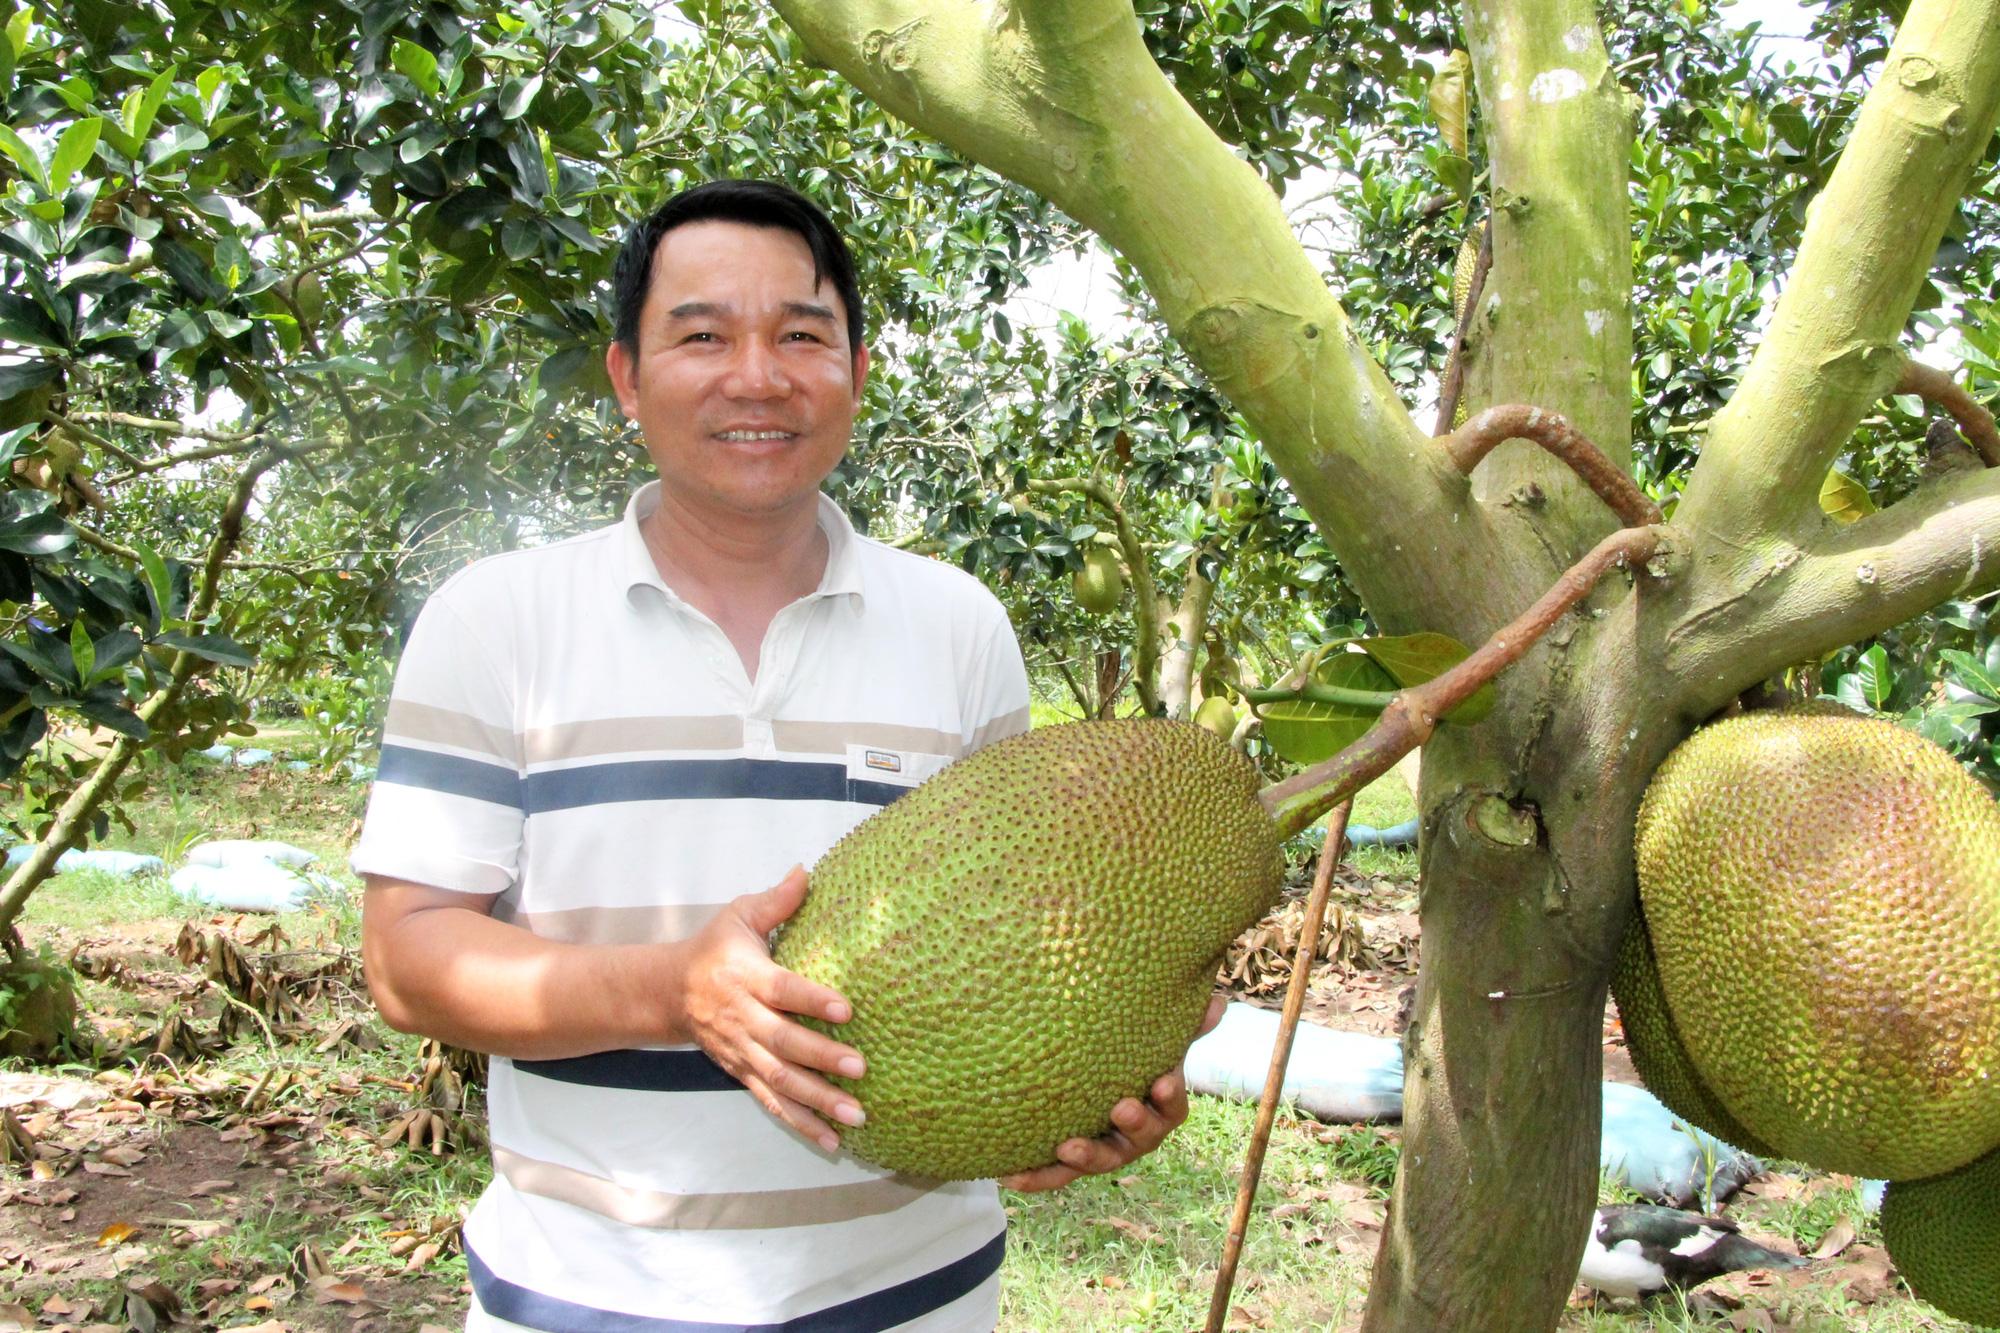 Vườn trồng mít Thái rộng 20ha của 1 ông nông dân tỉnh Đắk Lắk, bất ngờ những cây mít ra trái từ gốc lên ngọn - Ảnh 1.